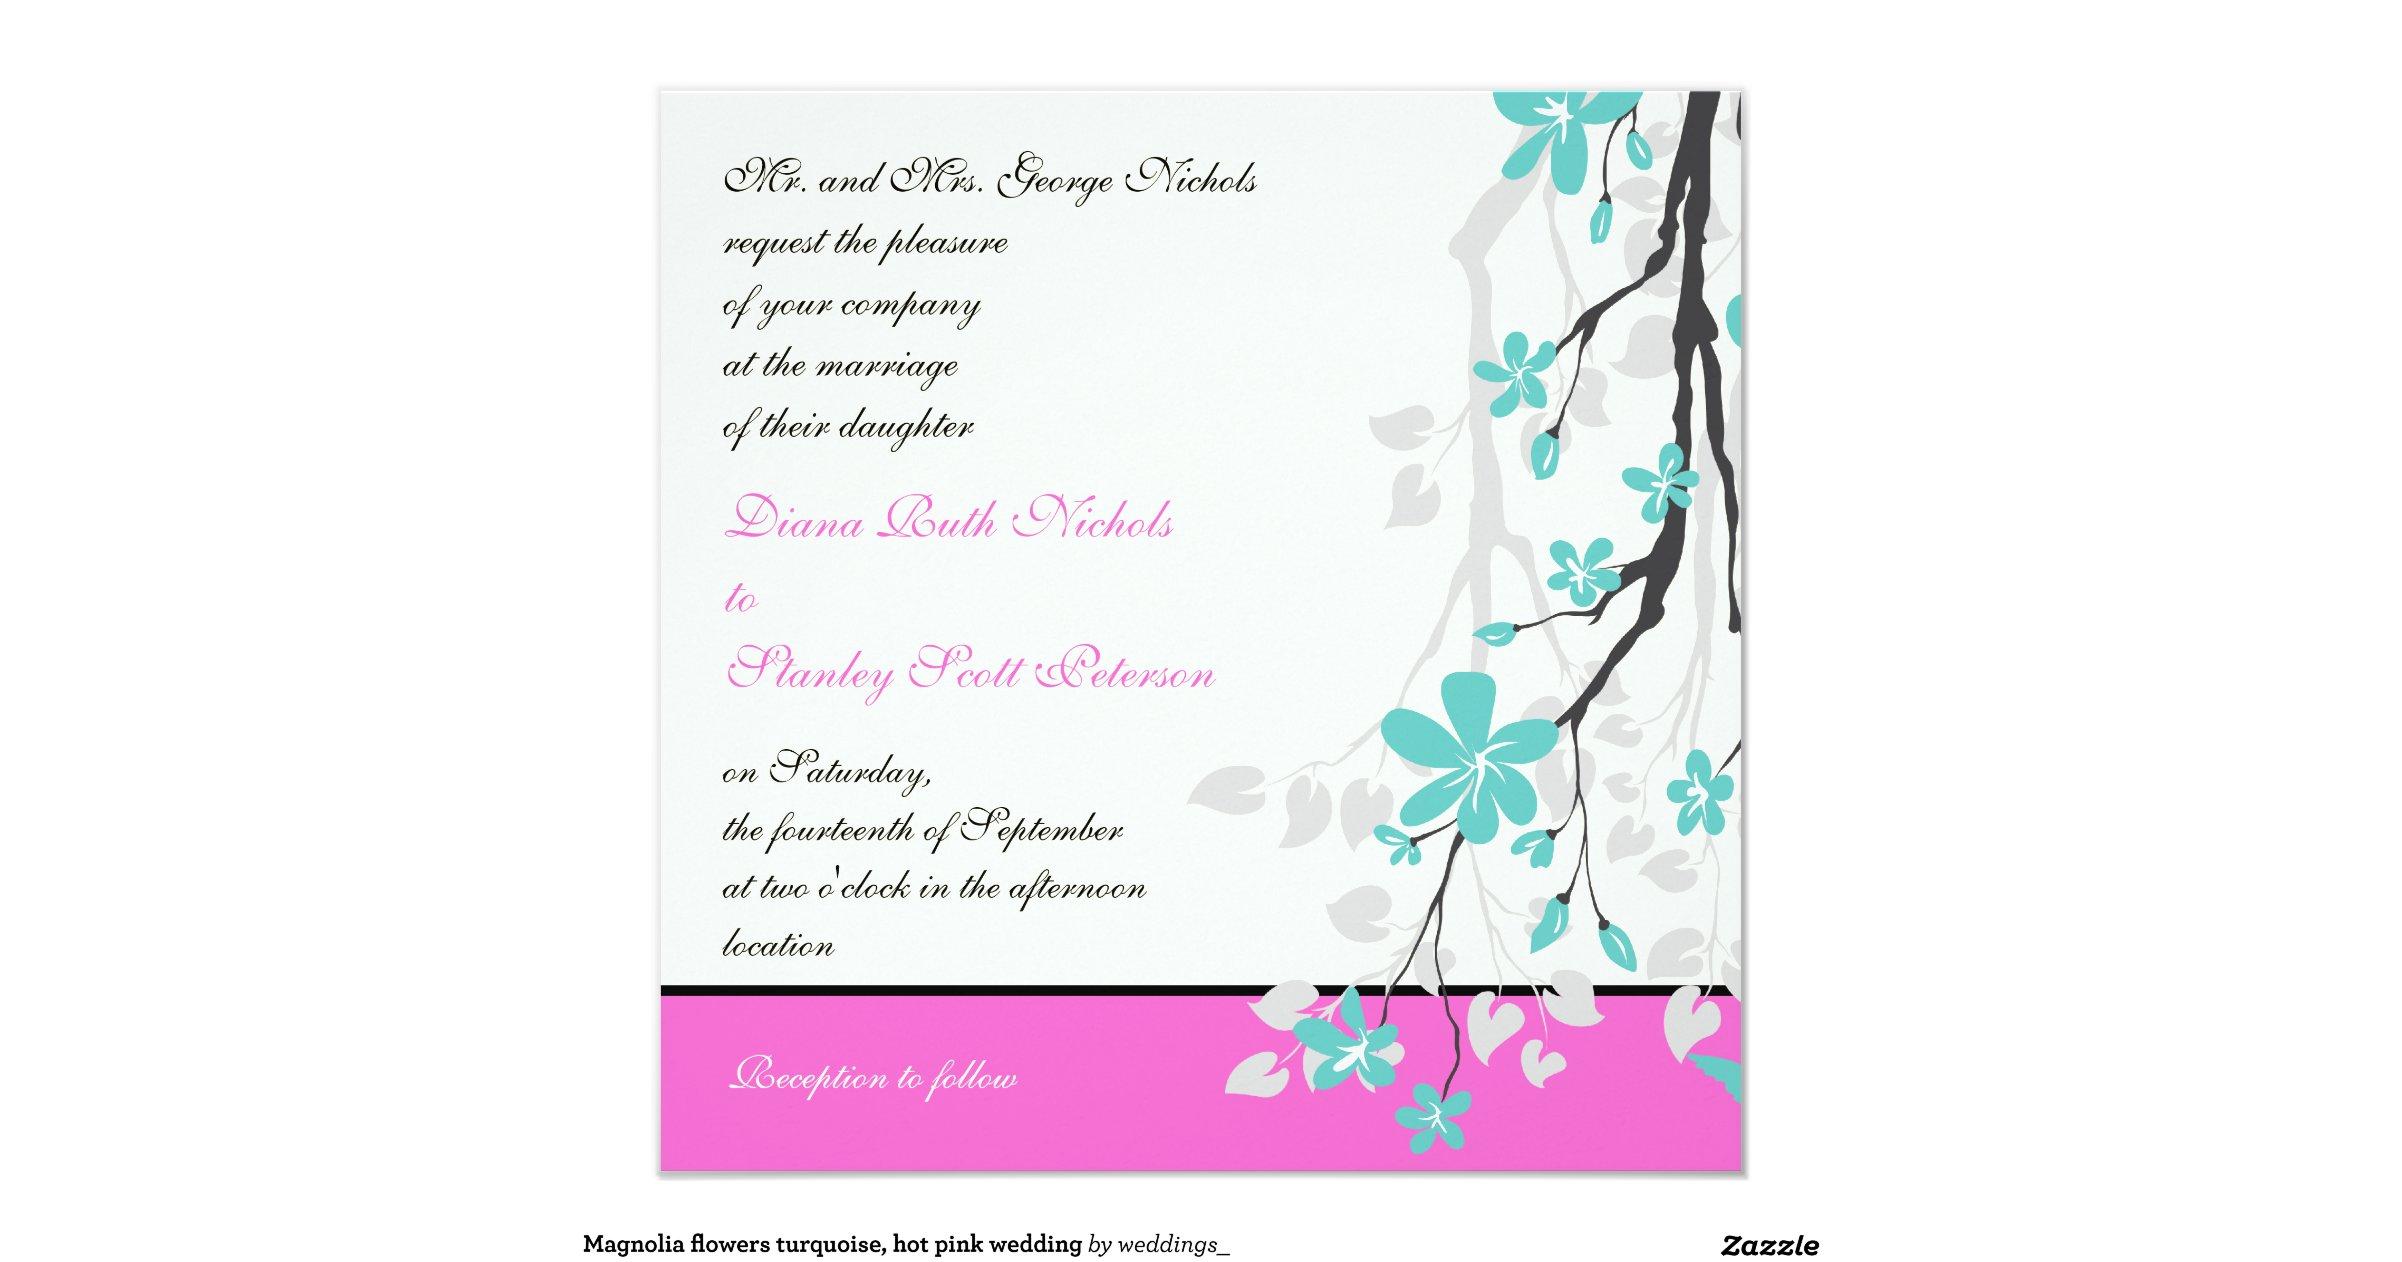 Wedding Invitations Turquoise: Magnolia_flowers_turquoise_hot_pink_wedding_invitation